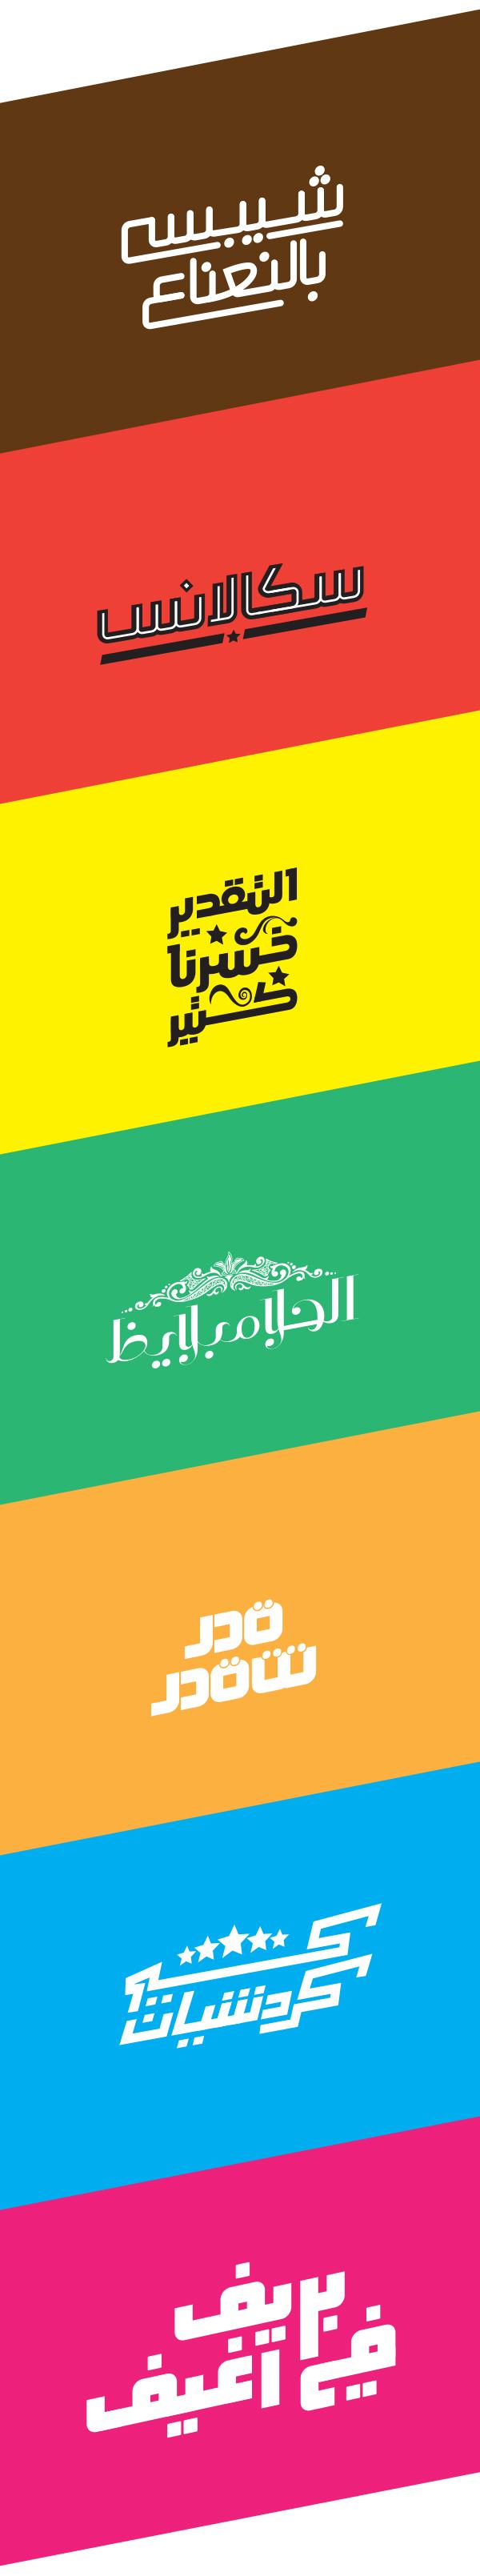 typo arabic qoutes egyptian